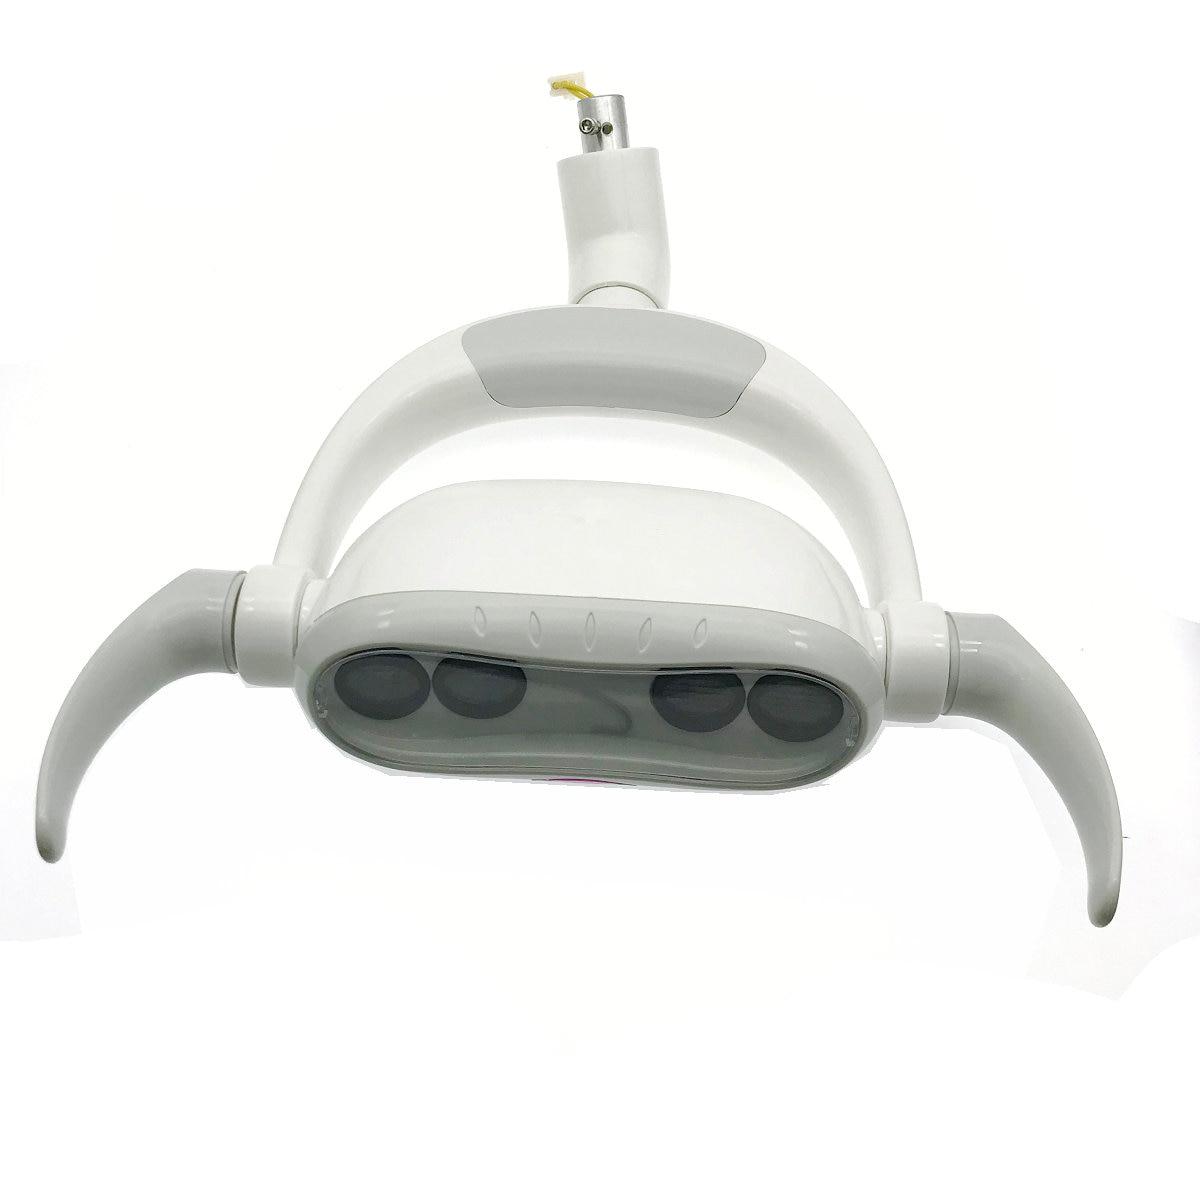 1set High quality Dental LED Oral Light LED Induction Lamp For Dental Unit Chair dental operation lamp joint size 22mm AC12V dental led oral light induction lamp for dental unit teeth whitening joint size 22mm